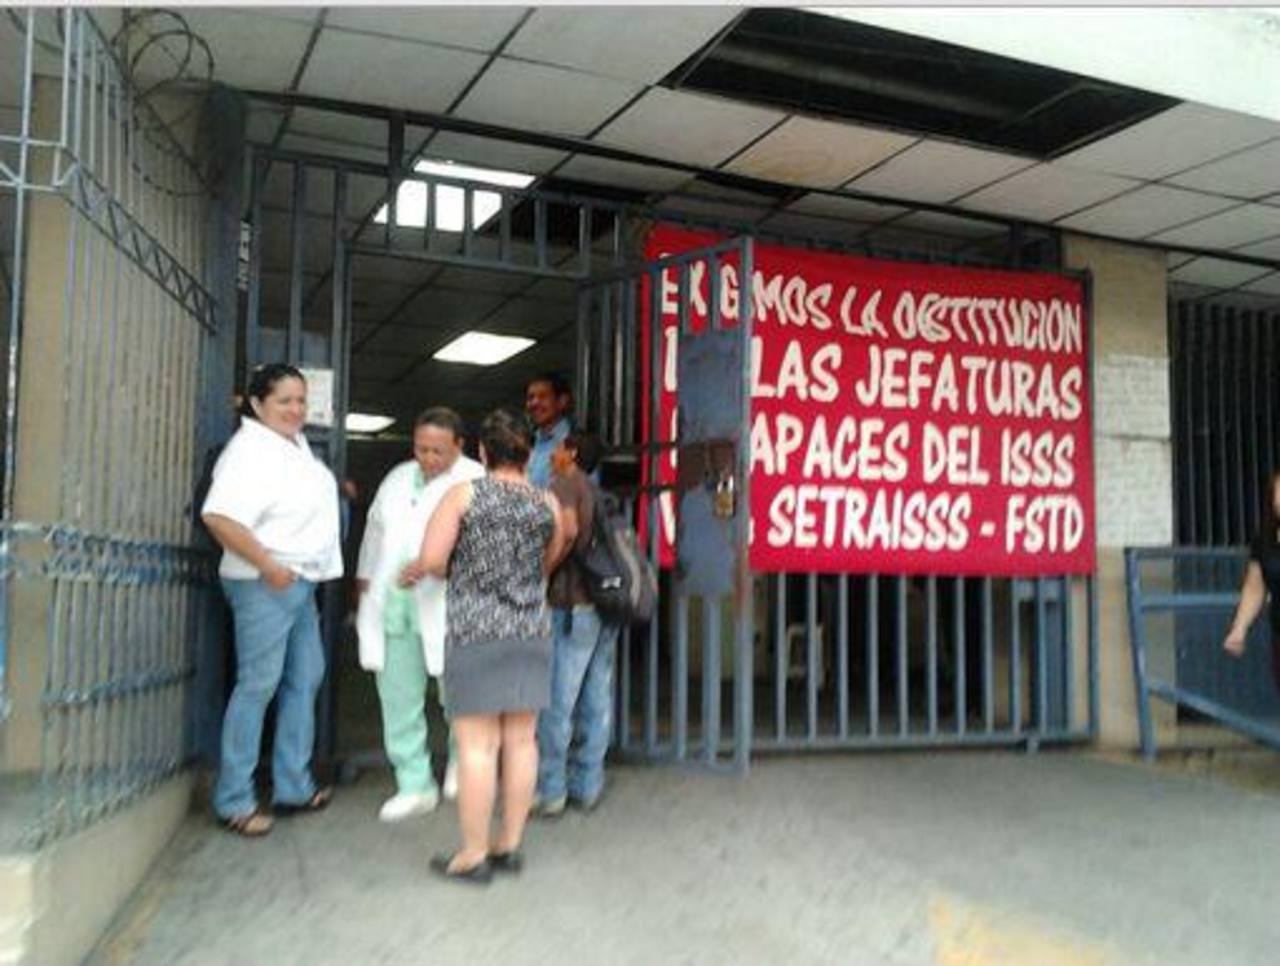 Sindicalistas impidieron el ingreso de las jefaturas, pero no se afectaron las consultas. Foto @UrquilloSV